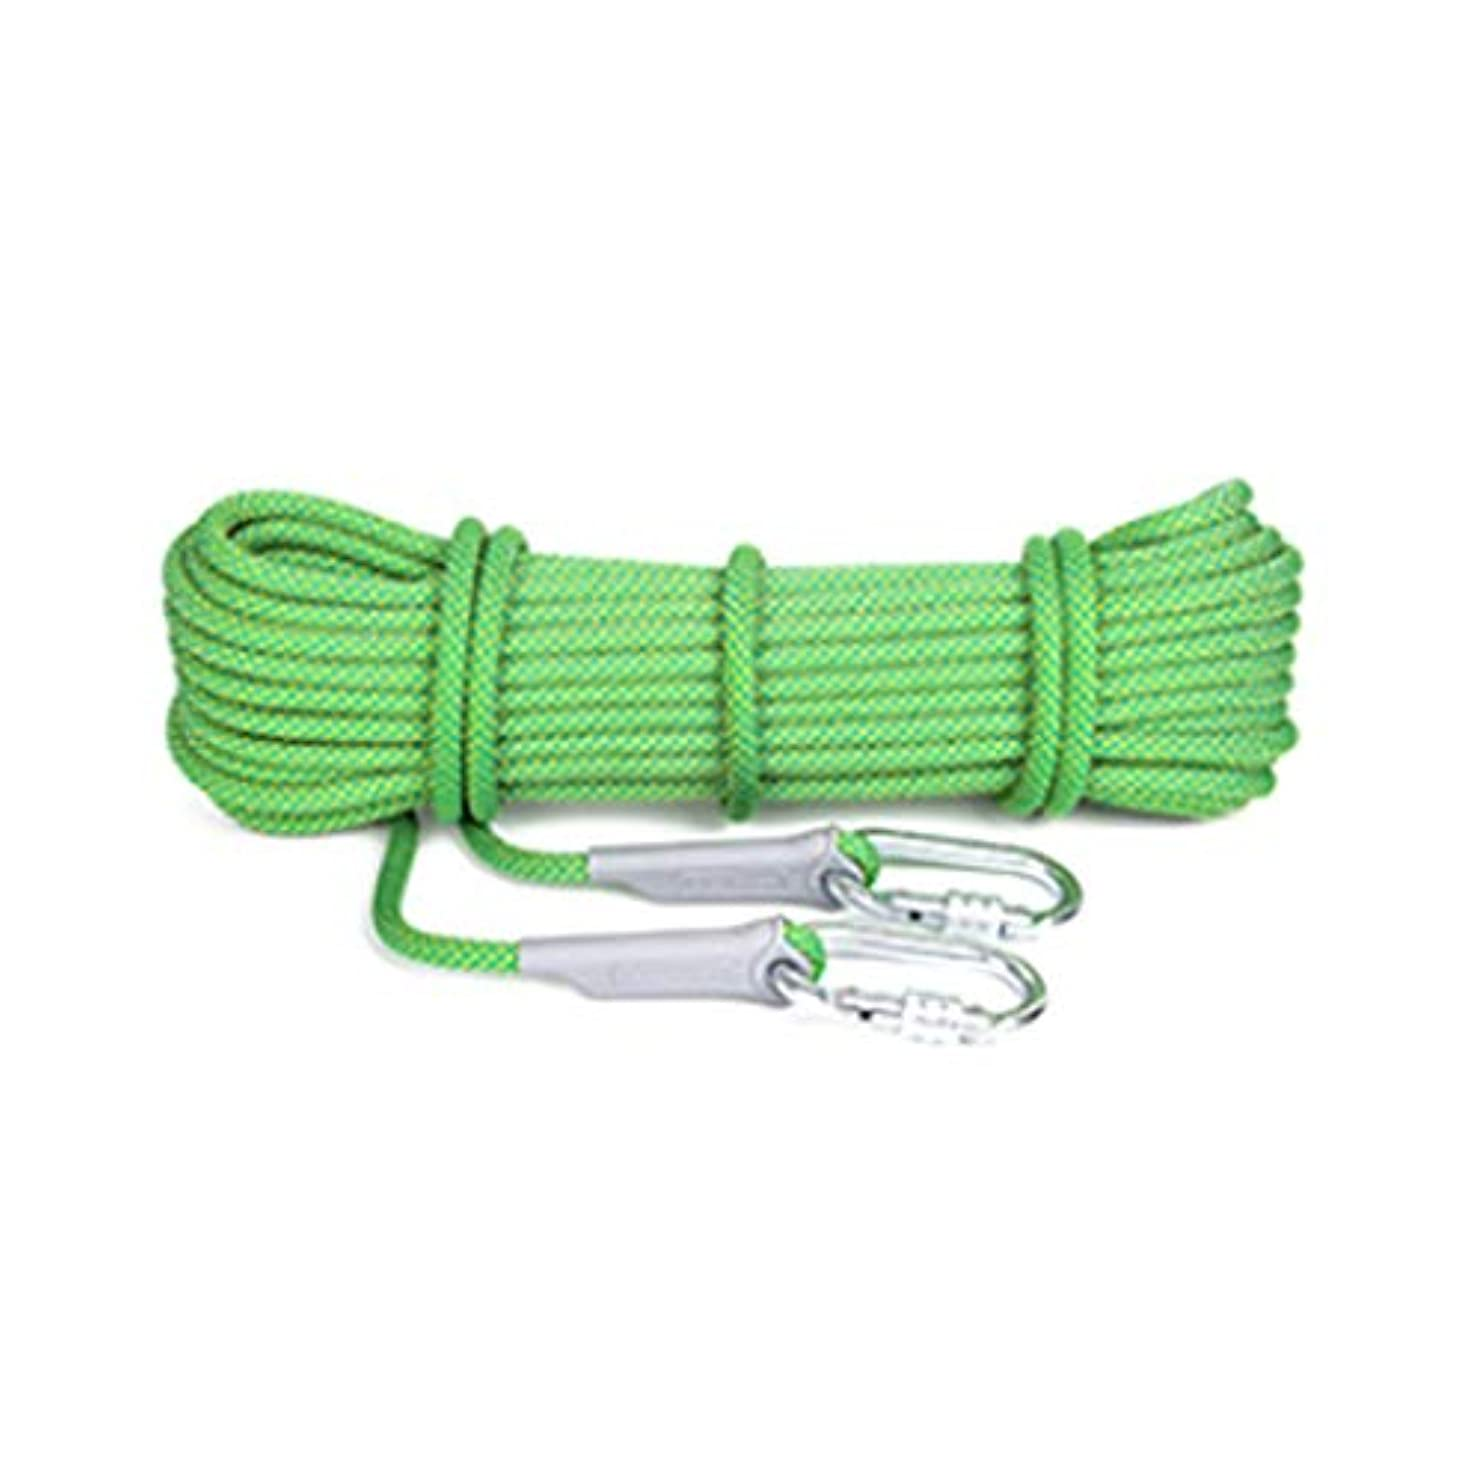 テーブルシガレット裕福なクライミングロープ、20Mロング屋外登山用高強度ライフセービングスタティックロープ直径12mm、多目的万能ロープ(色:緑色、サイズ:20m)